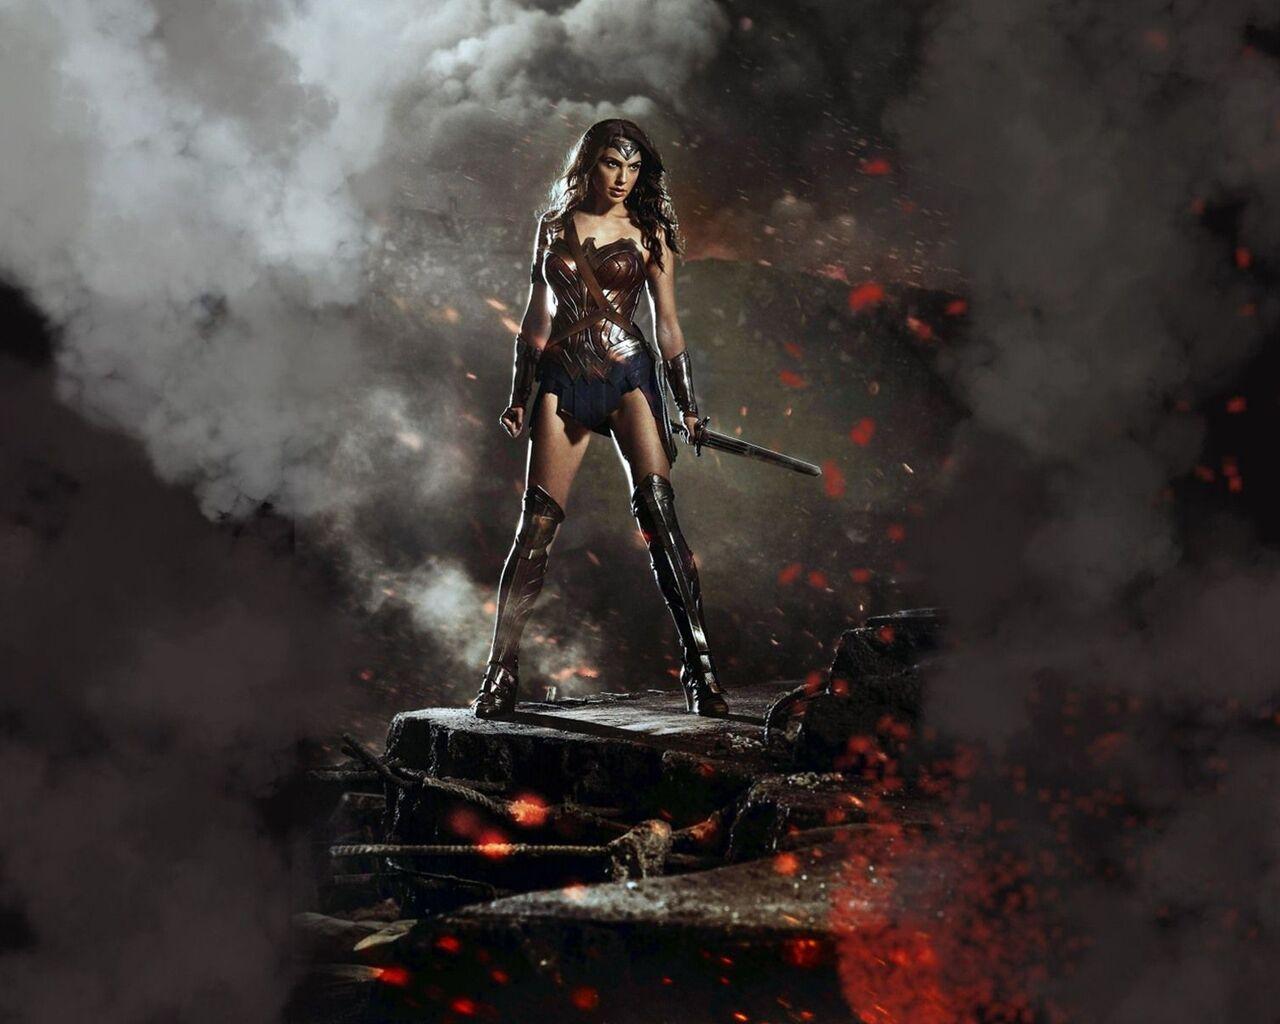 1280x1024 Wonder Woman Movie 1280x1024 Resolution Hd 4k: 1280x1024 Wonder Woman In Batman V Superman 1280x1024